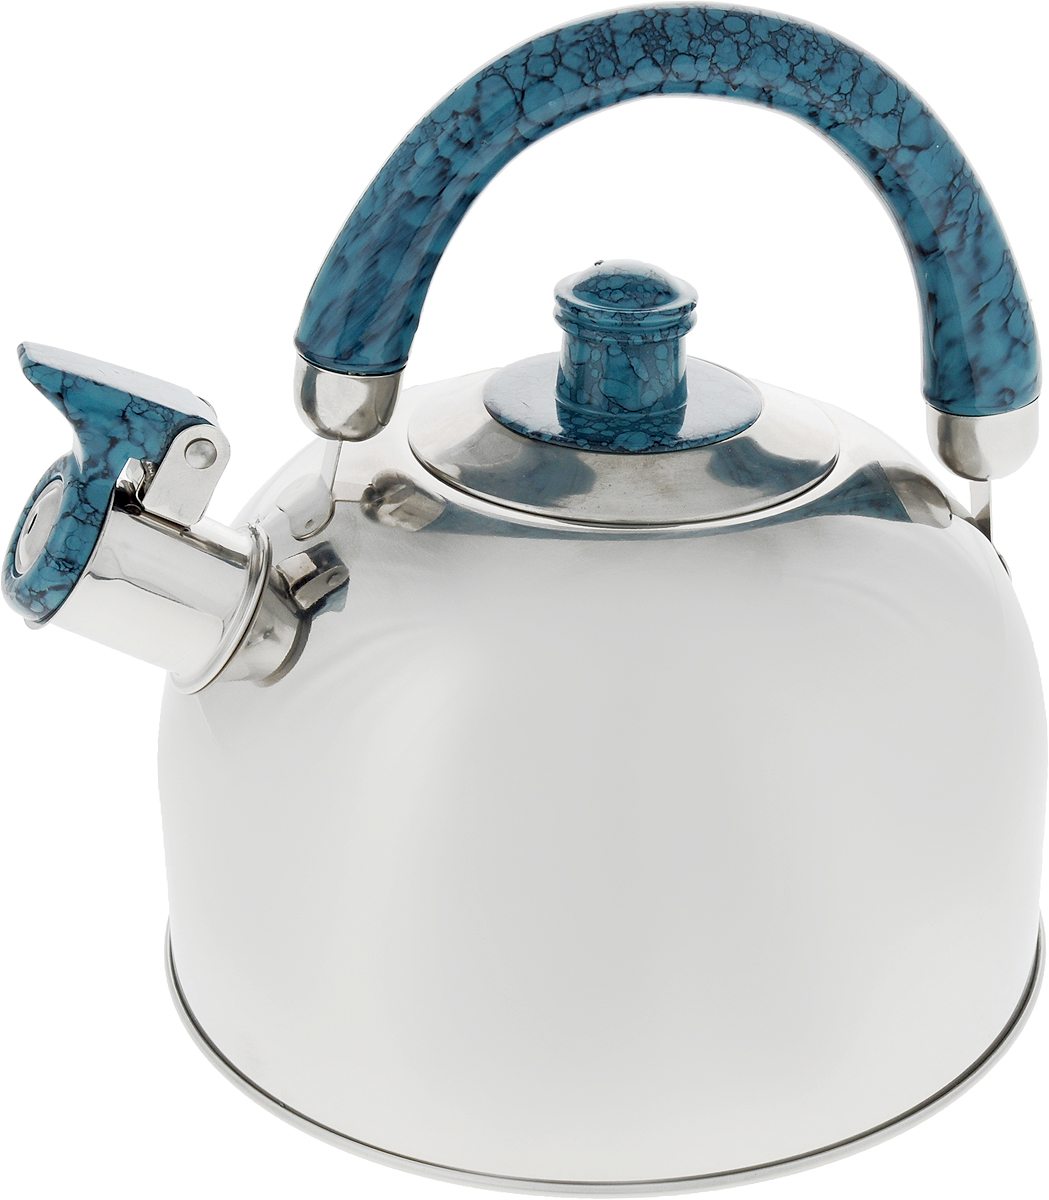 Чайник Bekker, со свистком, цвет: стальной, голубой, 2,5 л. BK-S307M чайник кмк 2 л голубой со свистком